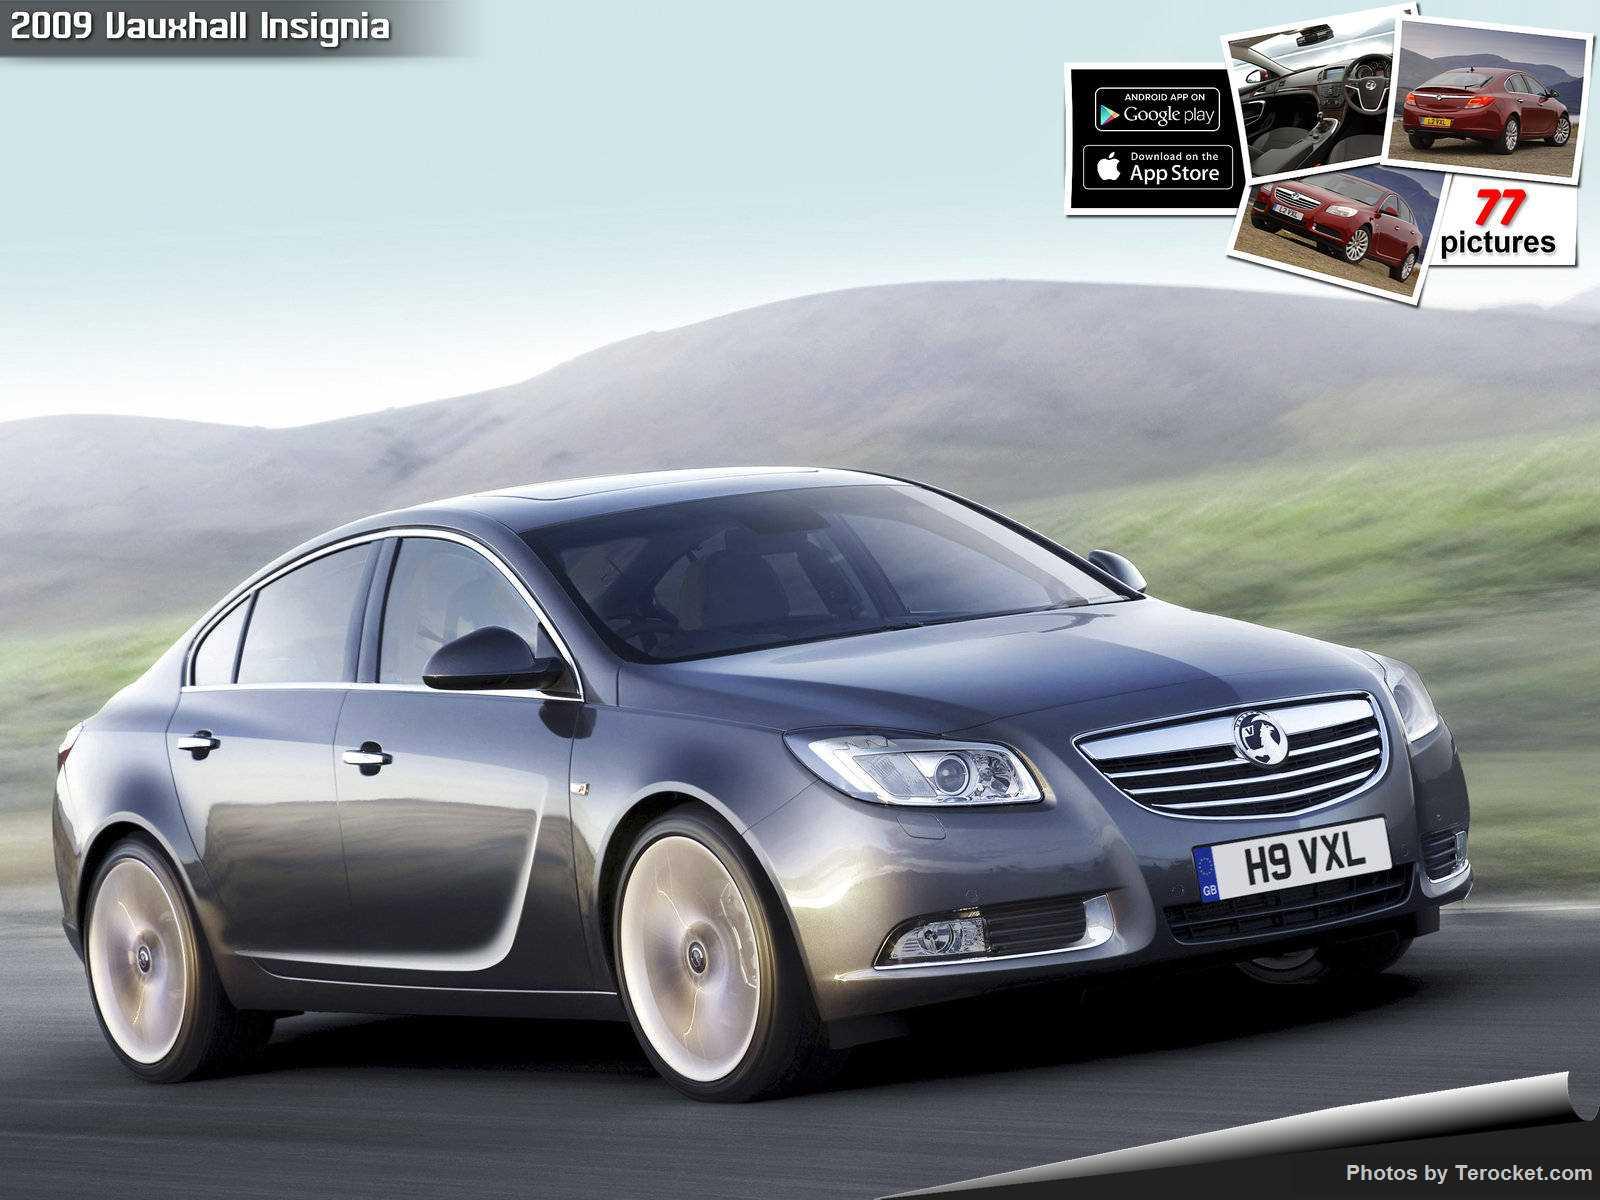 Hình ảnh xe ô tô Vauxhall Insignia 2009 & nội ngoại thất